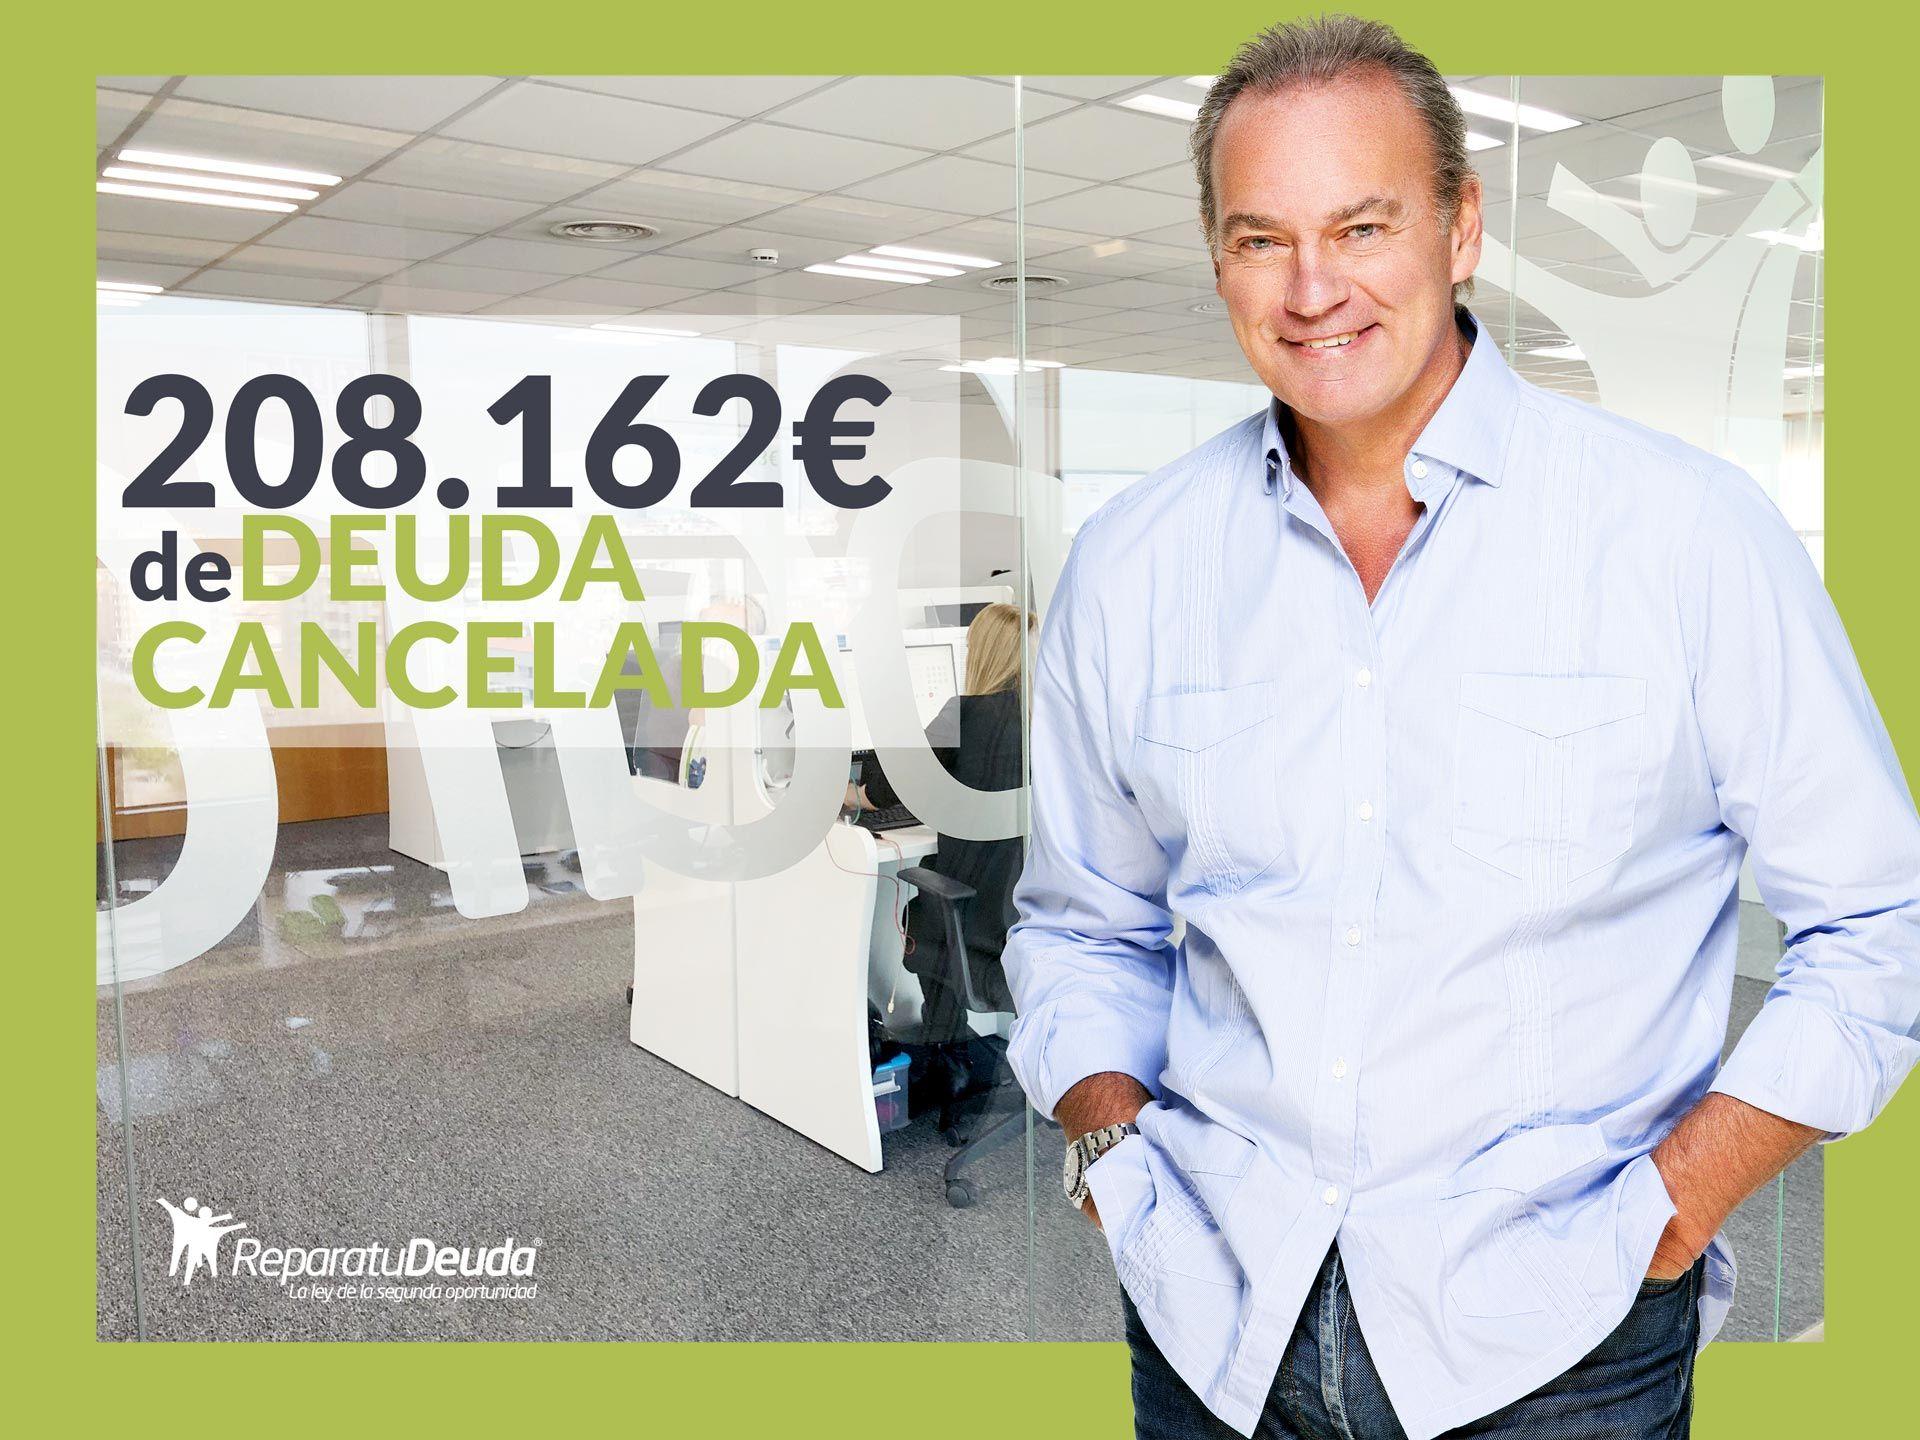 Repara tu Deuda Abogados cancela 208.162 ? en Palma de Mallorca con la Ley de Segunda Oportunidad